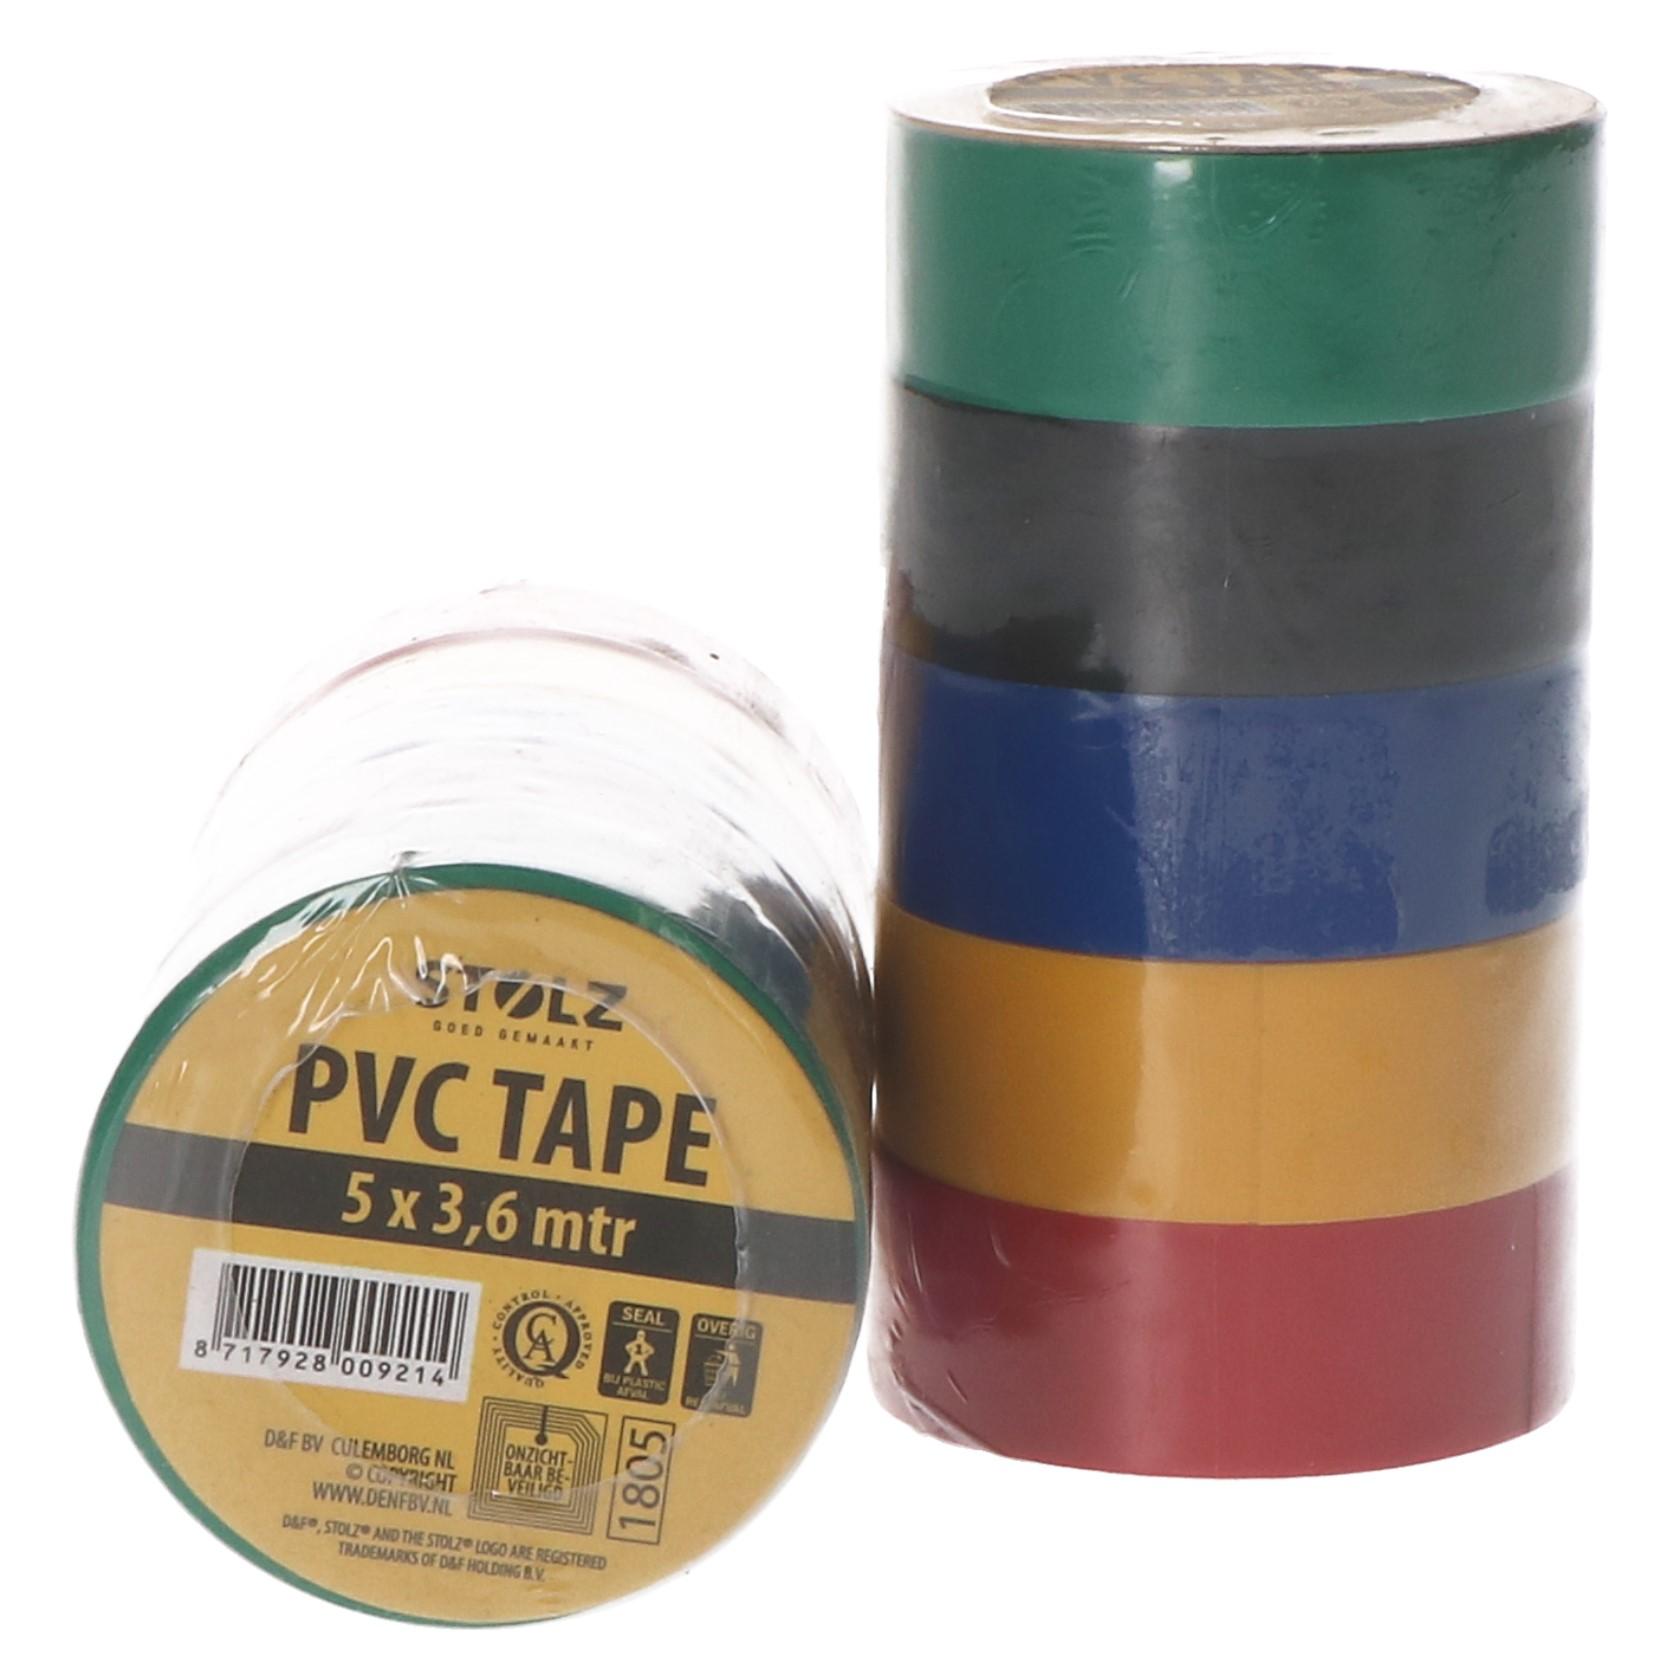 Pvc tape 5 x 3,6 mtr